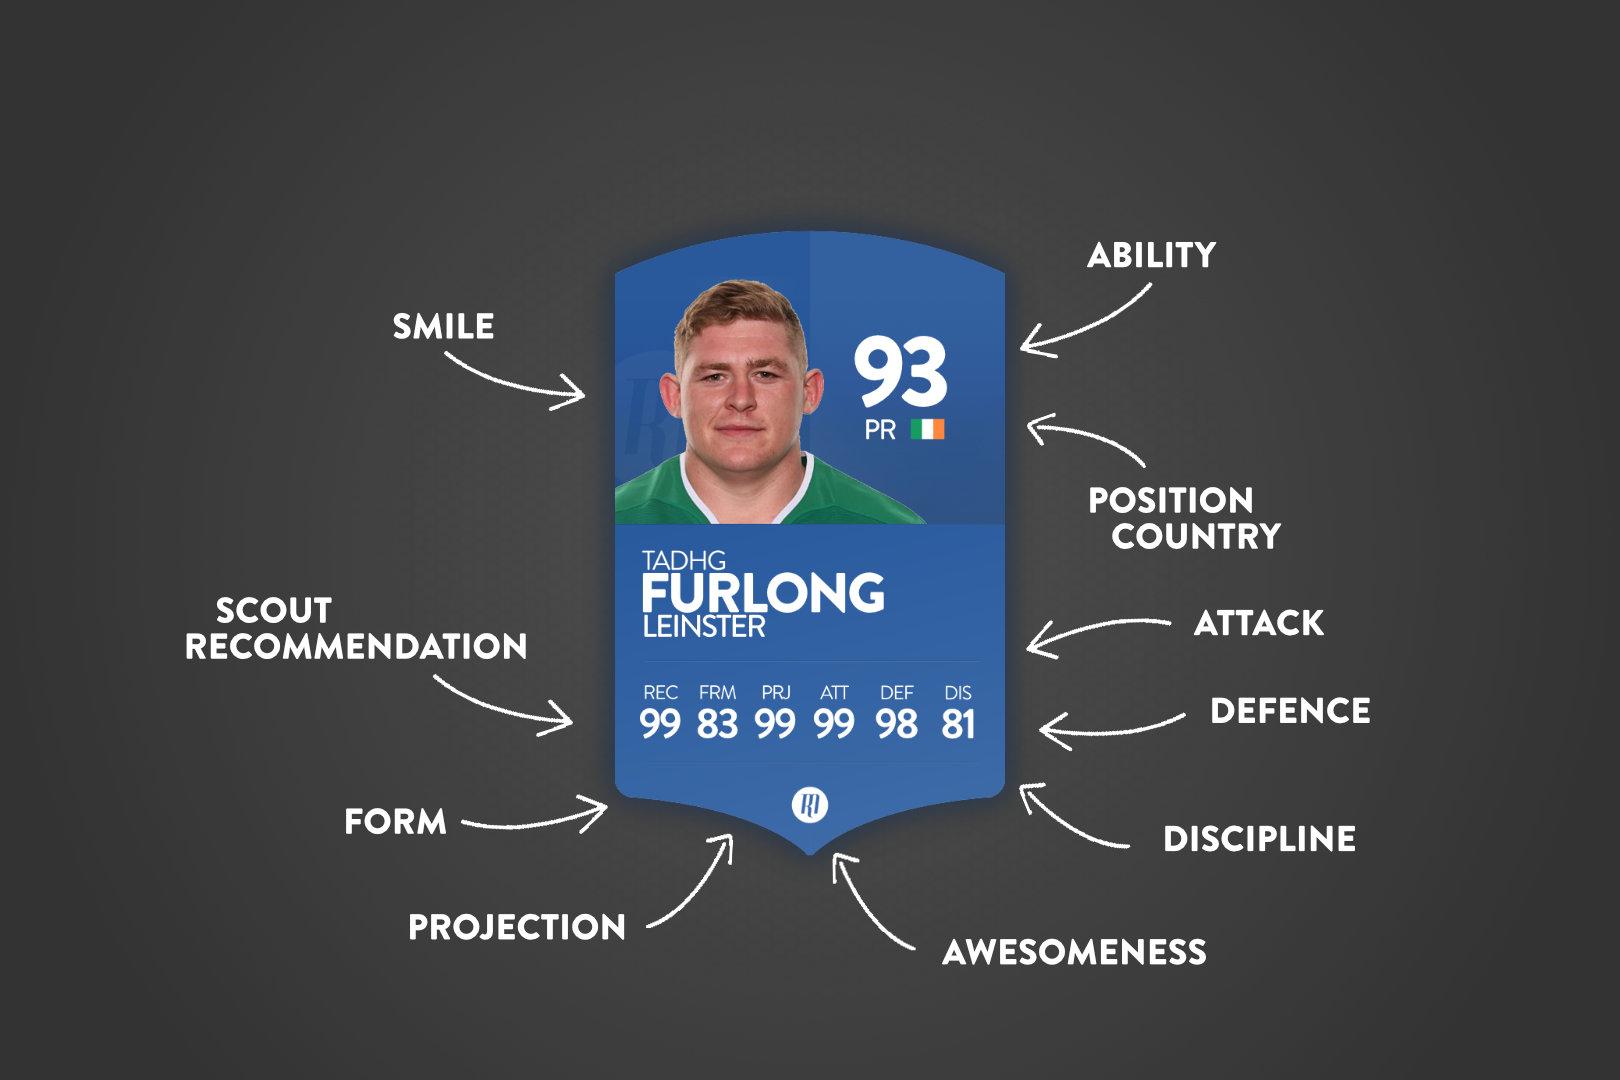 Spotlight: Tadhg Furlong